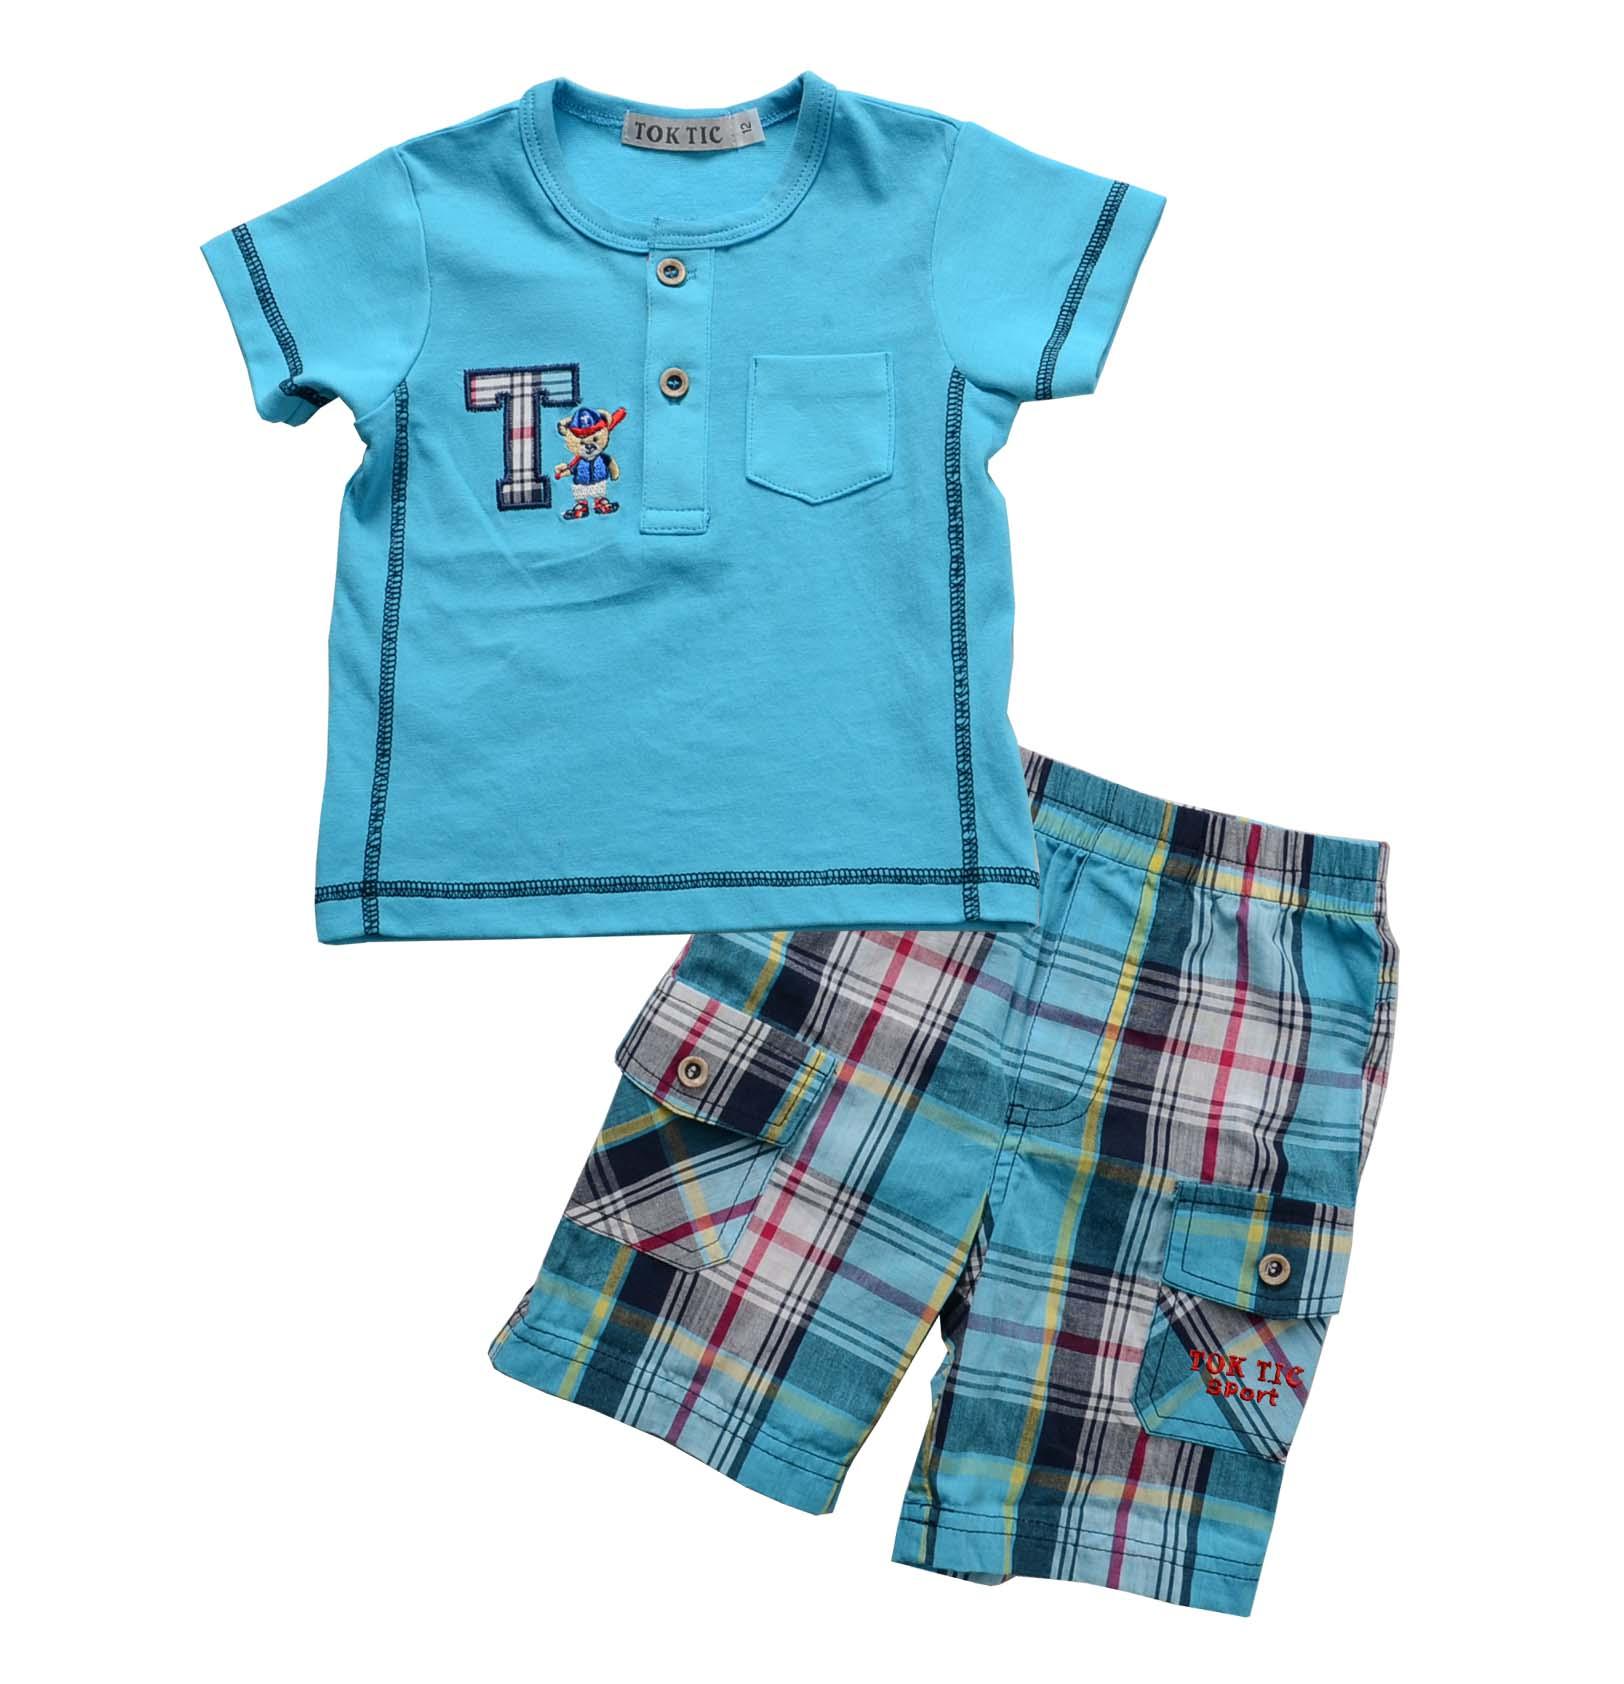 children Summer clothing set baby boy clothes kids cotton t shirt short pants boy clothes suit